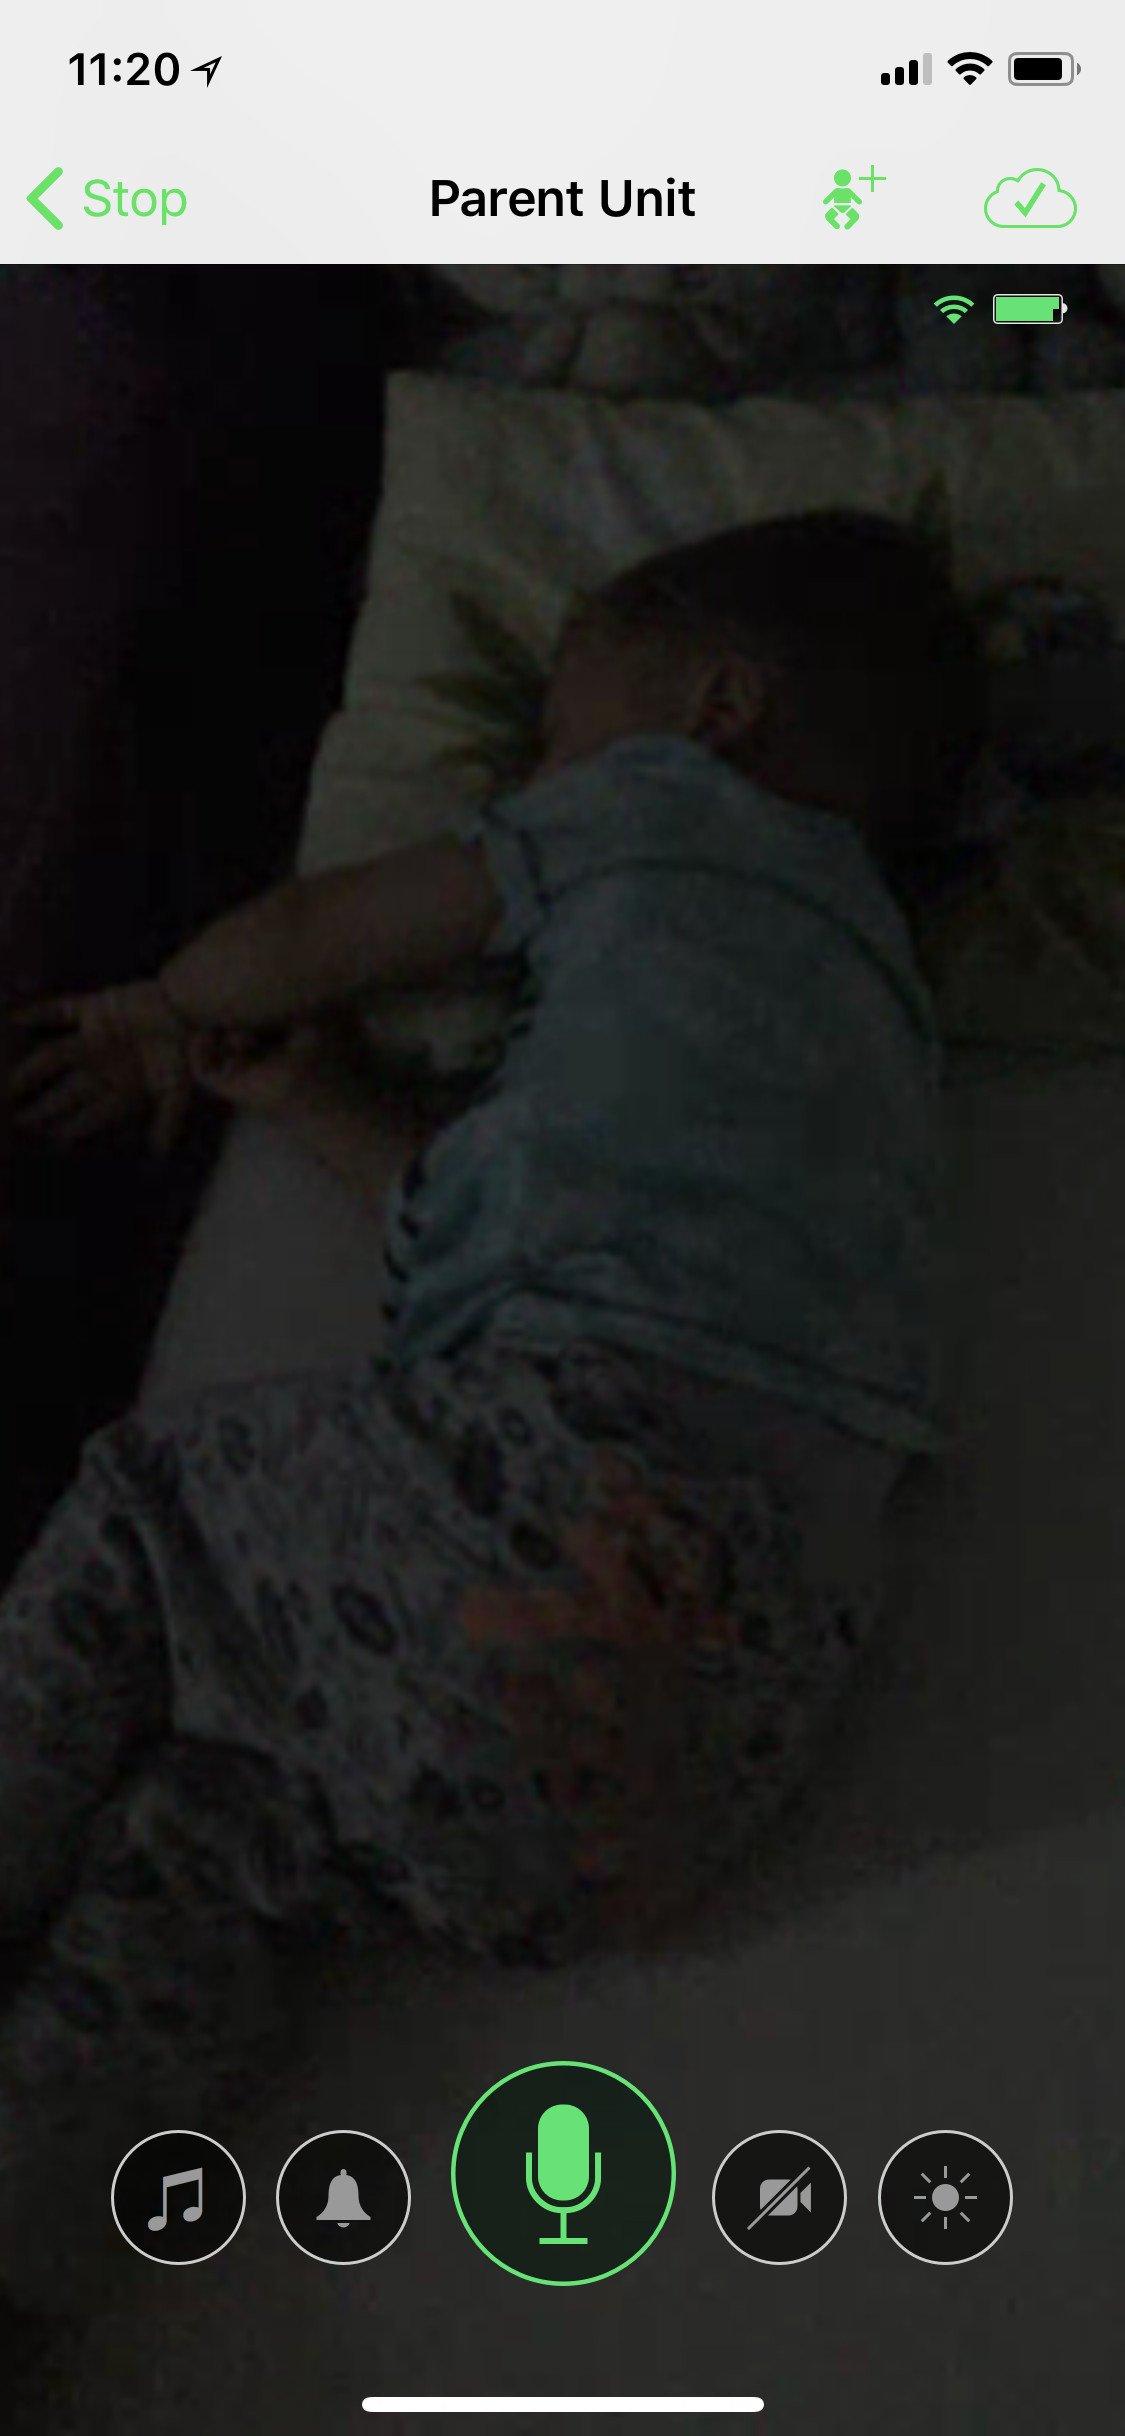 Rodičovská jednotka aplikace Cloud Baby Monitor